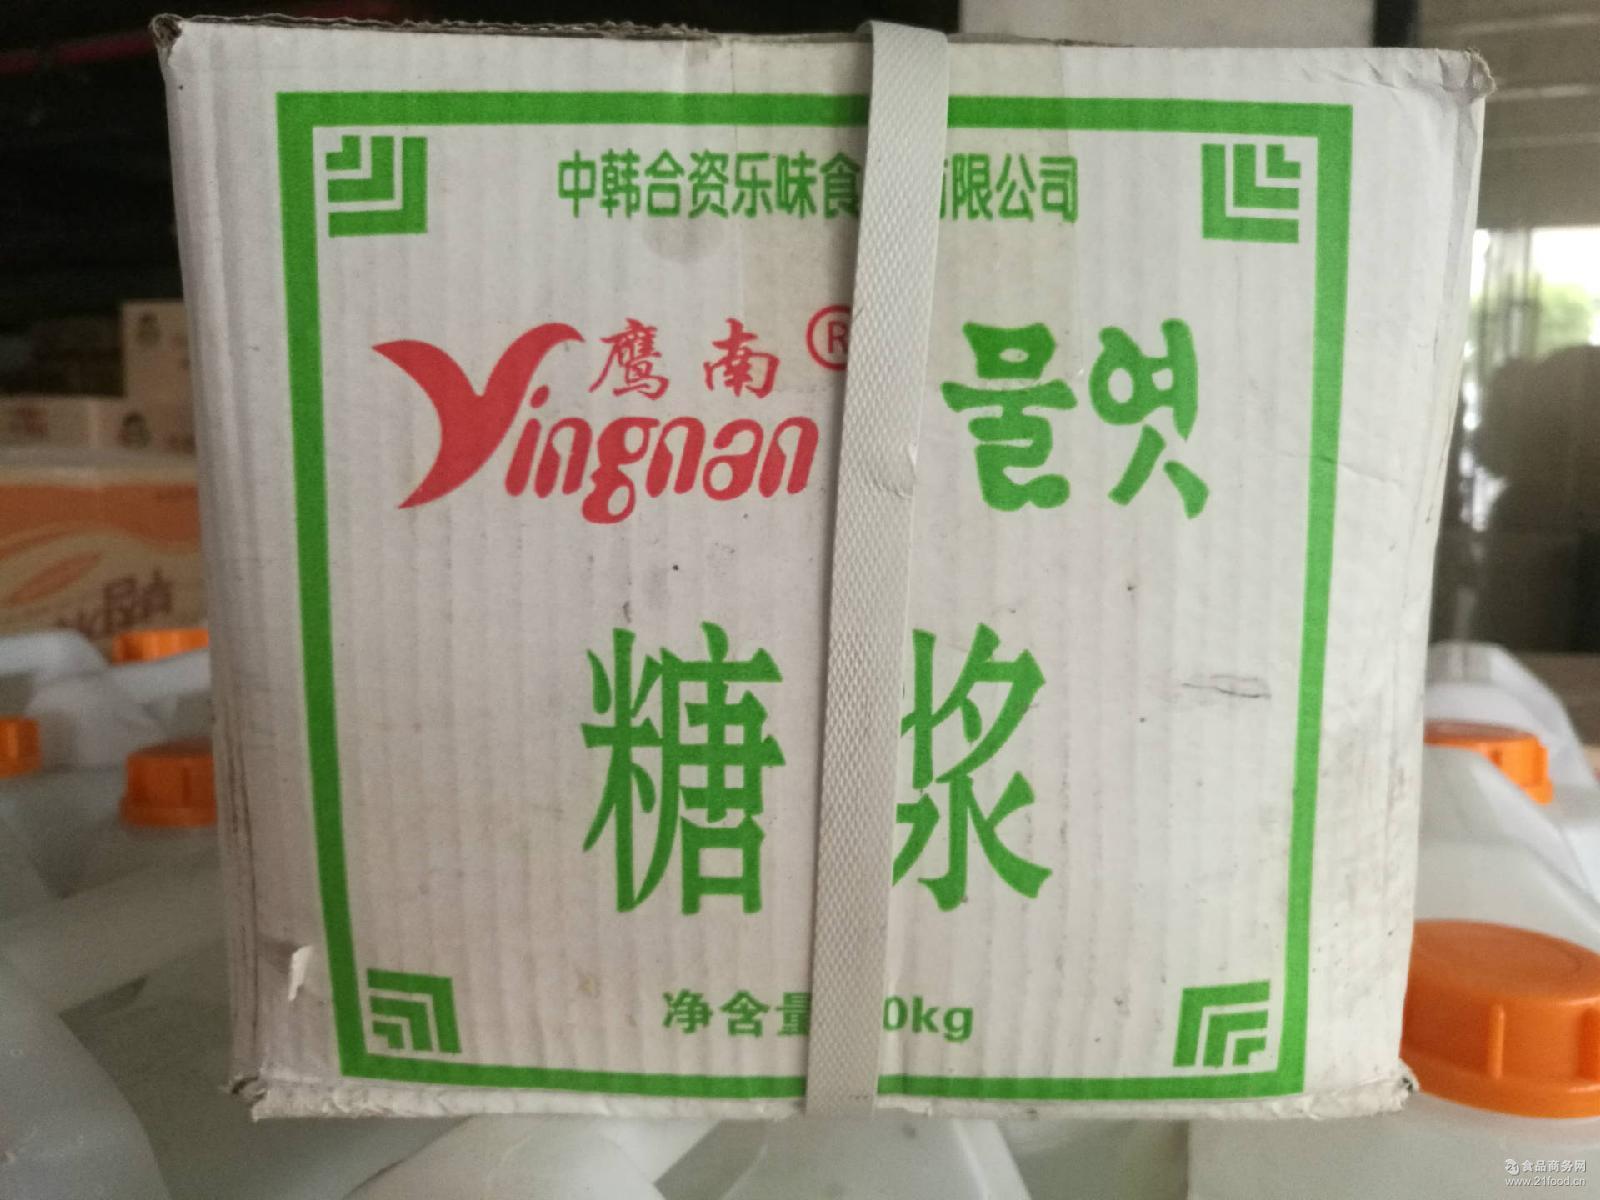 黄糖稀 水怡甜品装饰饮品烘焙 韩国料理 大米麦芽糖稀 10kg